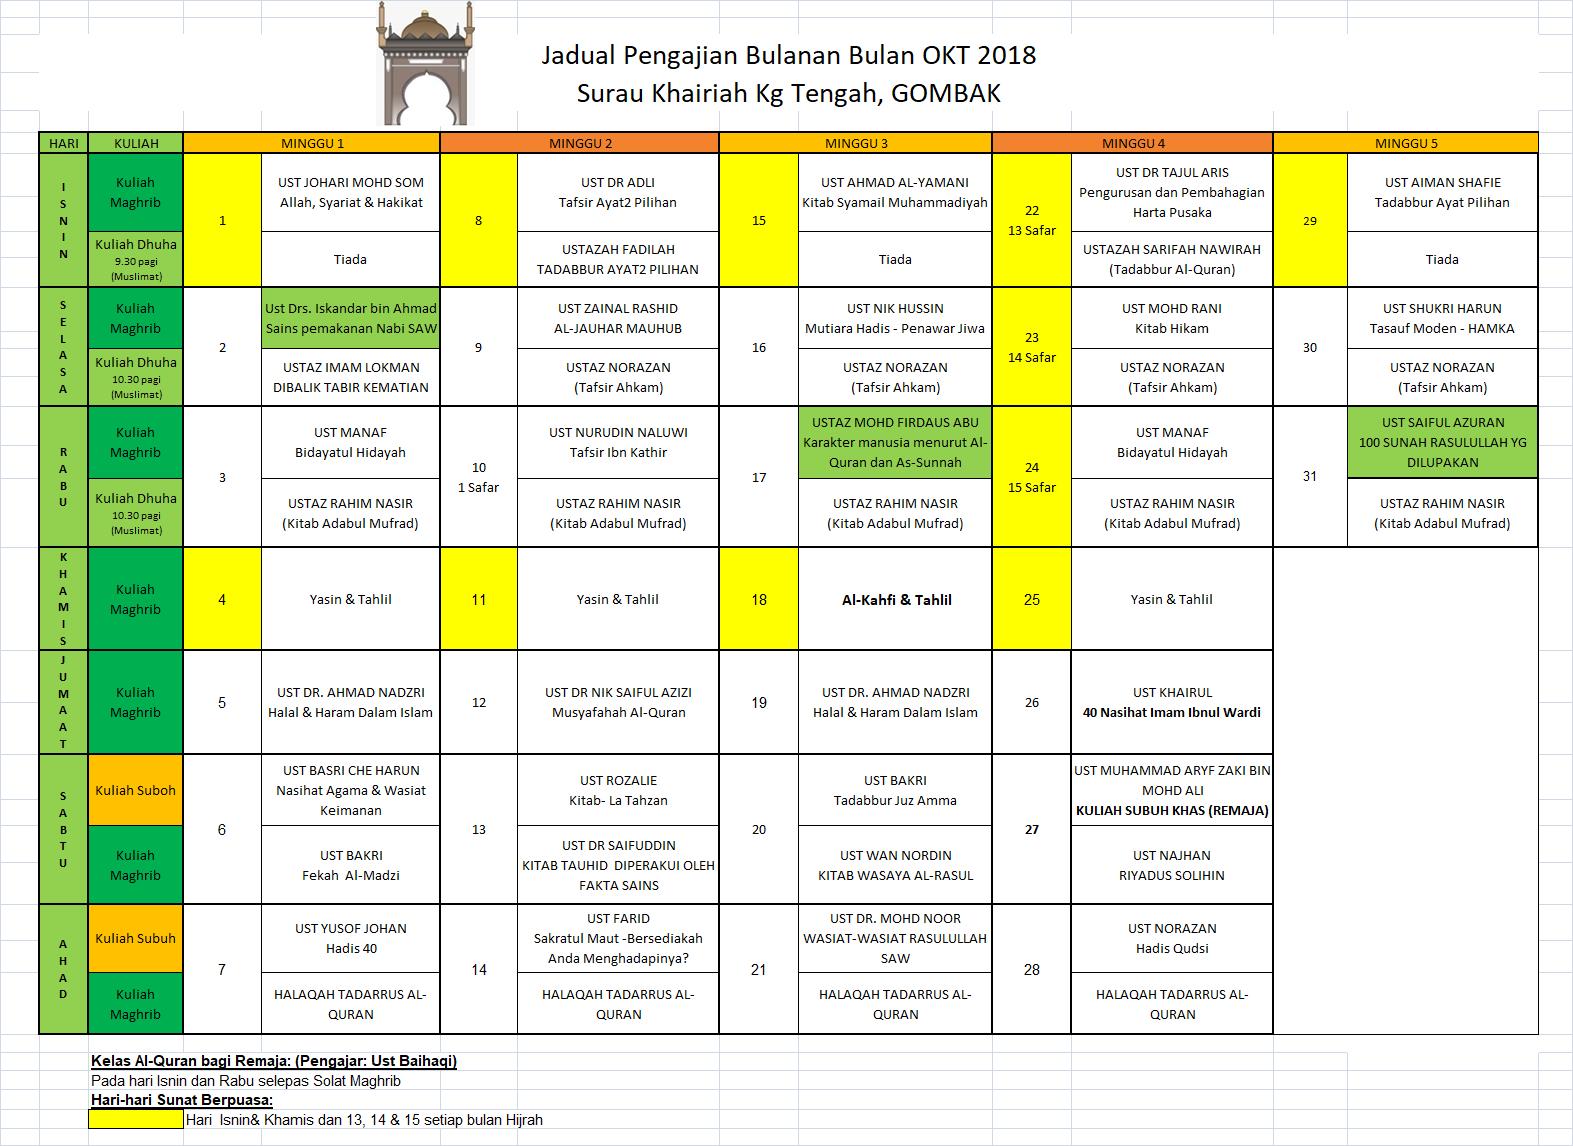 Jadual Okt 18